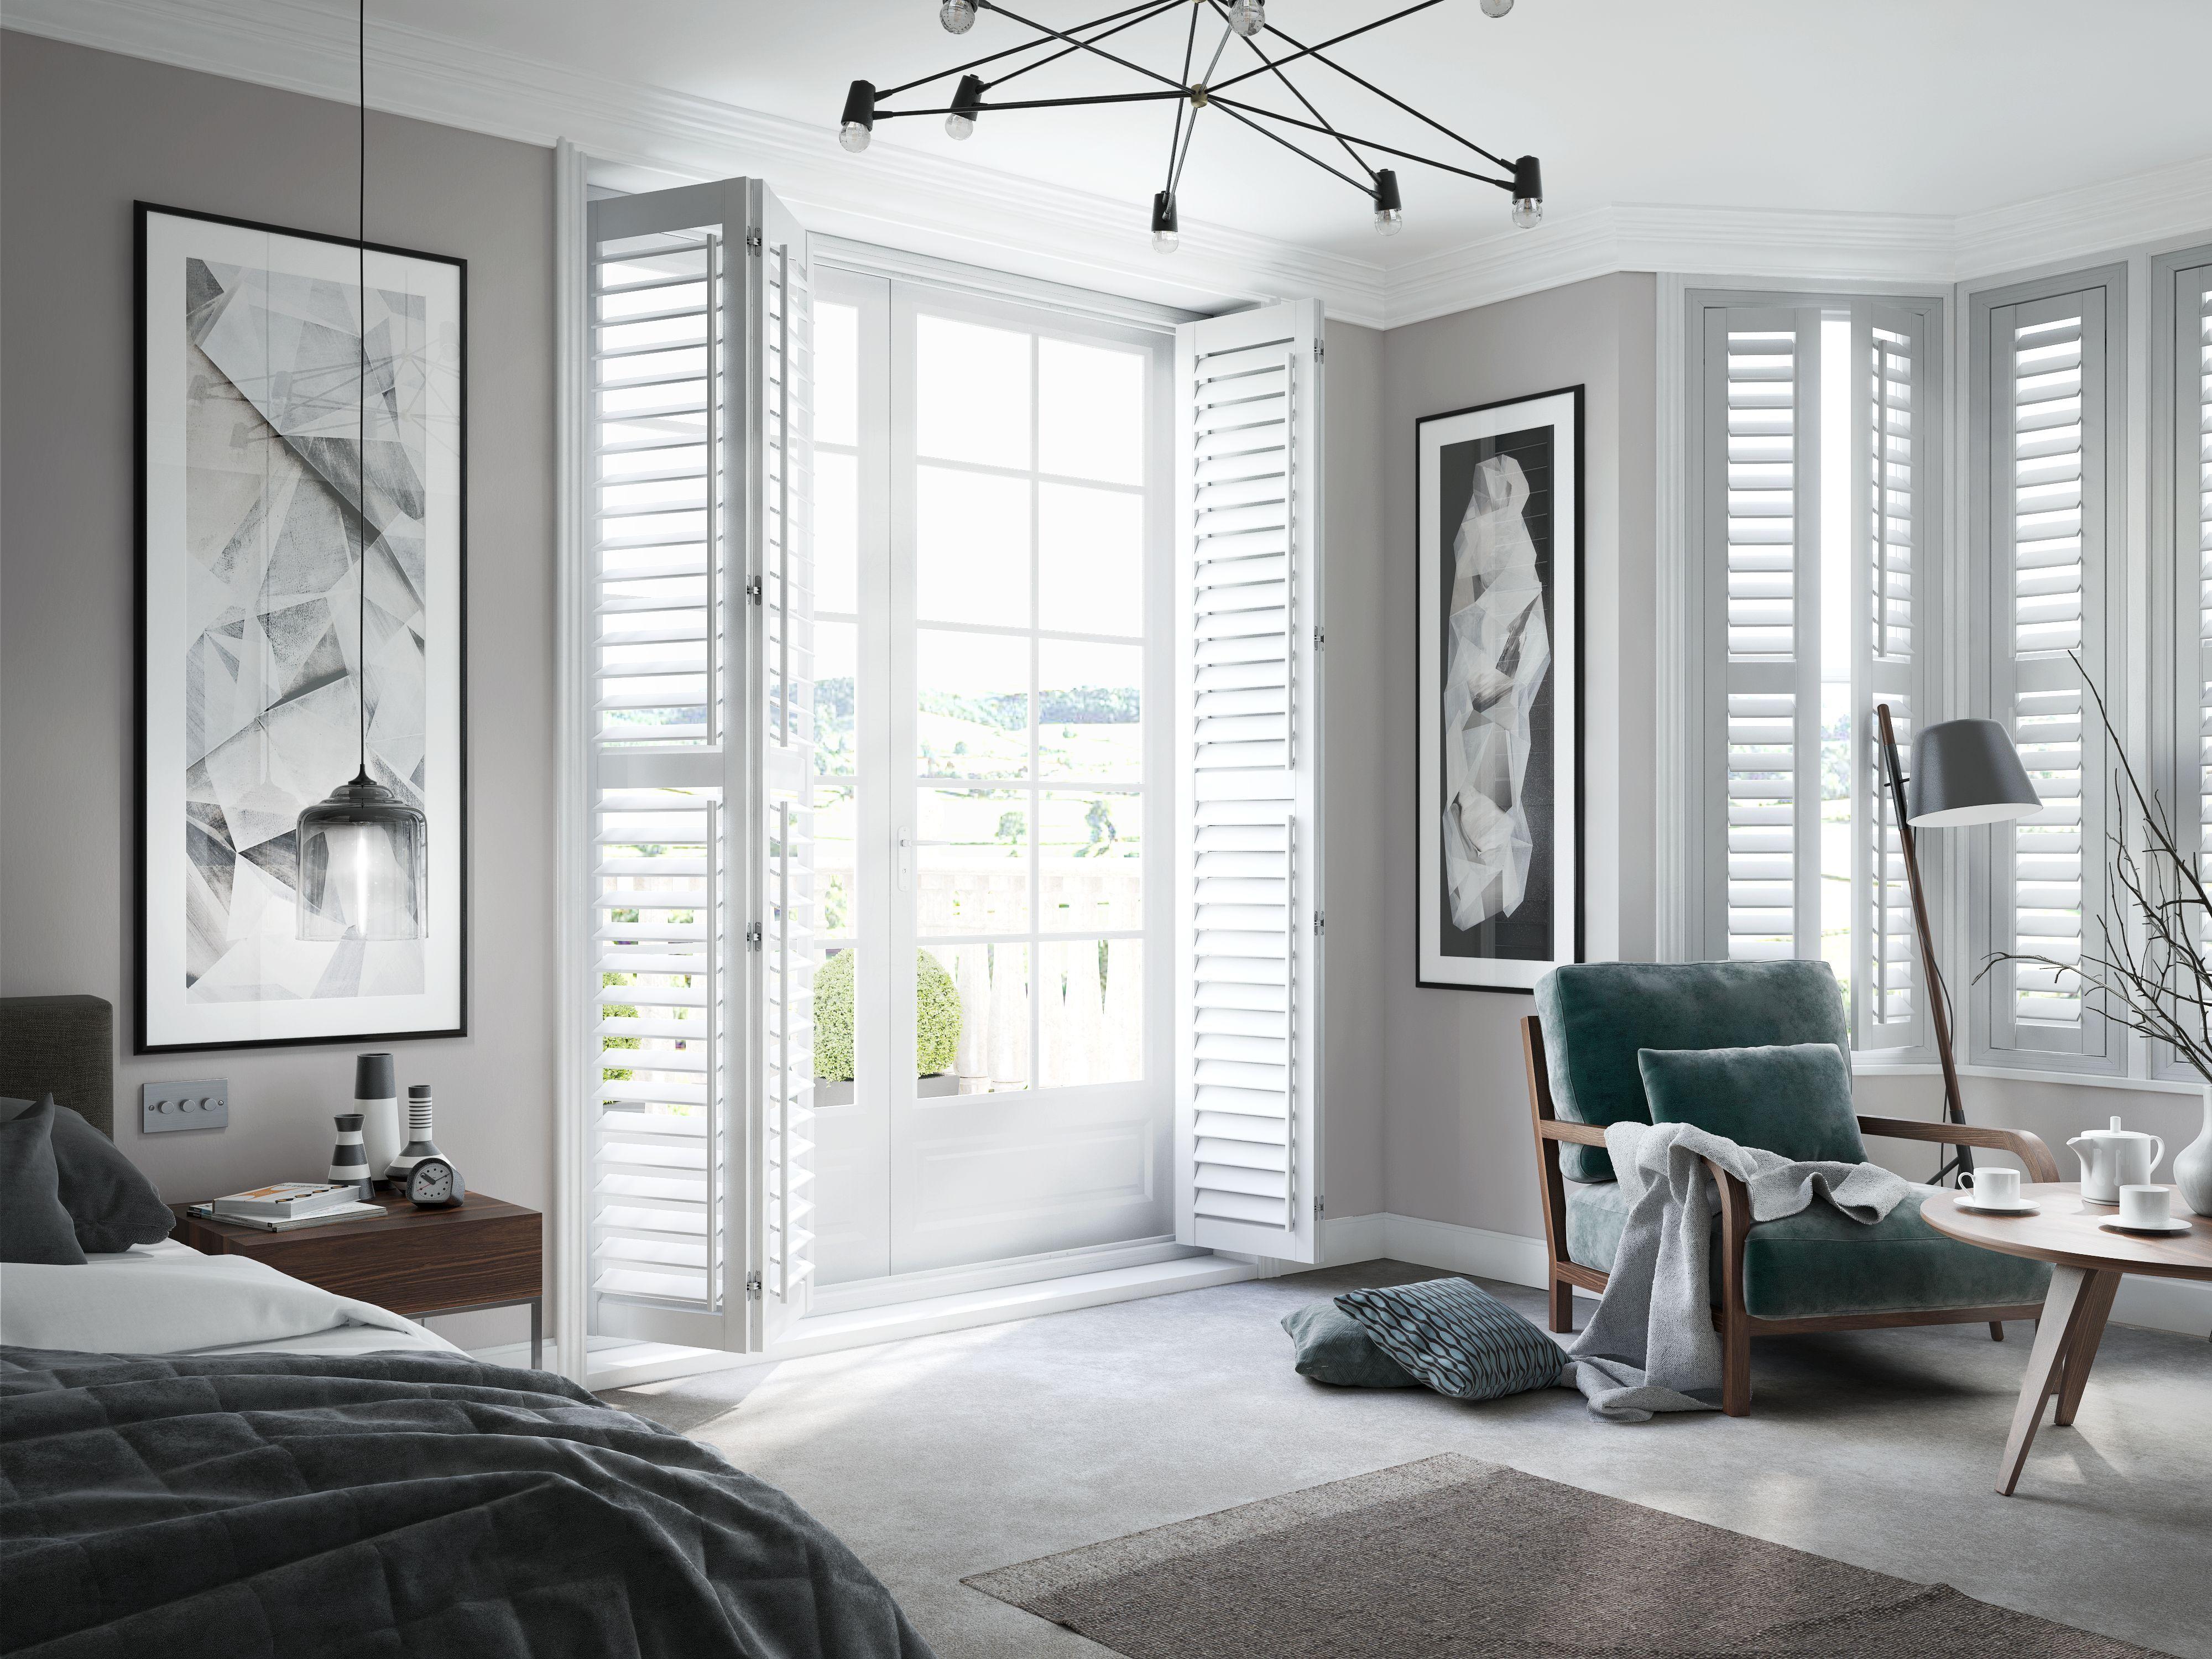 Bedroom with white full length shutters Bedroom shutters